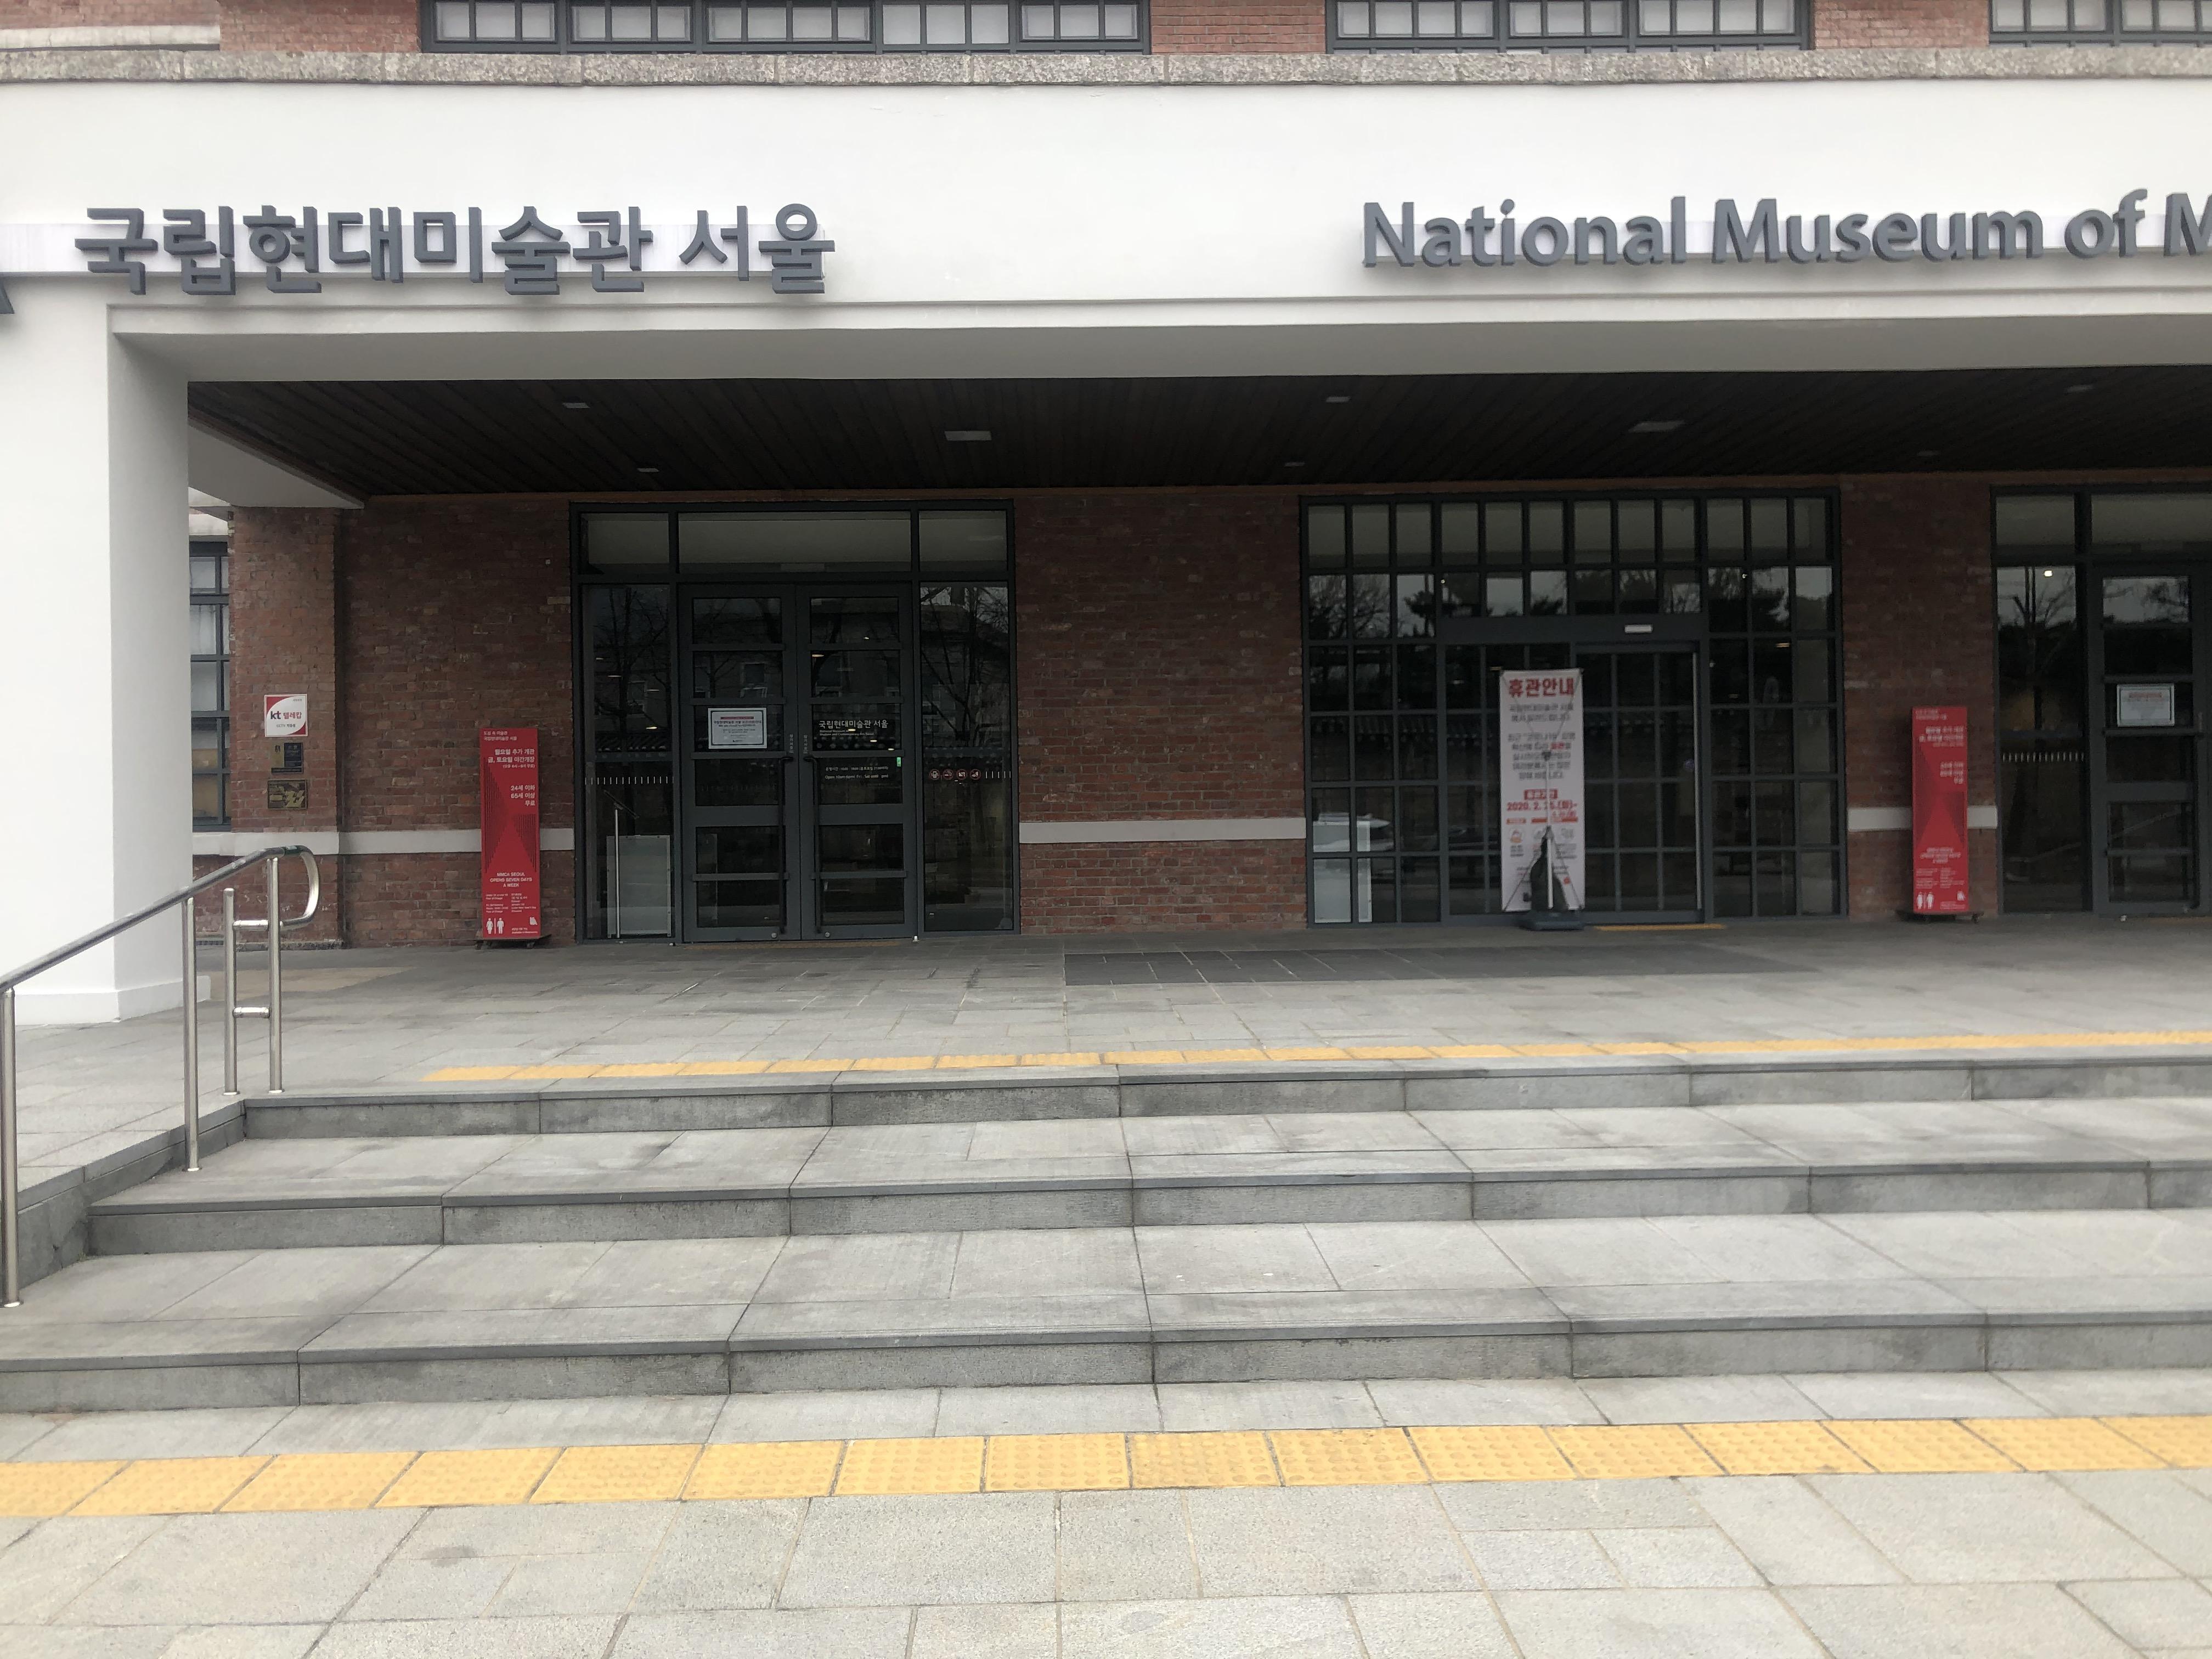 코로나19의 확산으로 휴관을 지속중인 국립현대미술관 출처: 헤럴드 DB